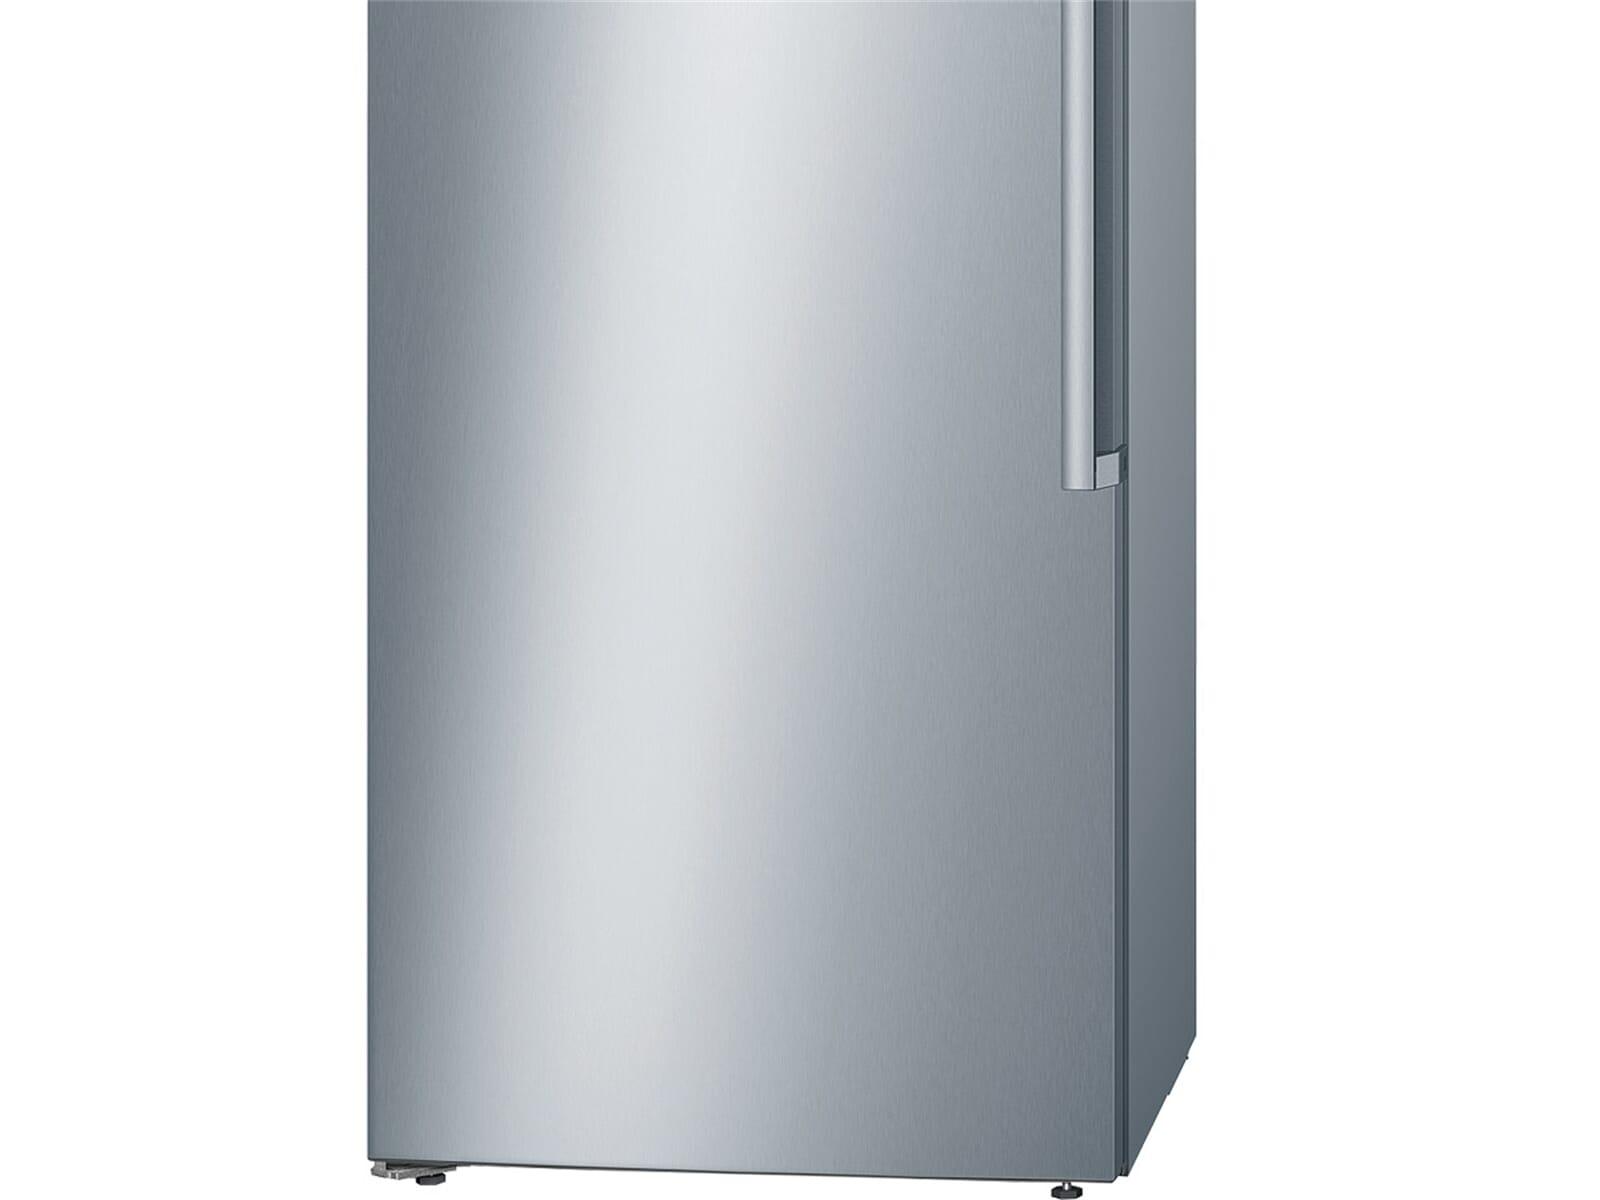 Smeg Kühlschrank Tür Quietscht : Warm ausen kühlschrank wird shirley l luna